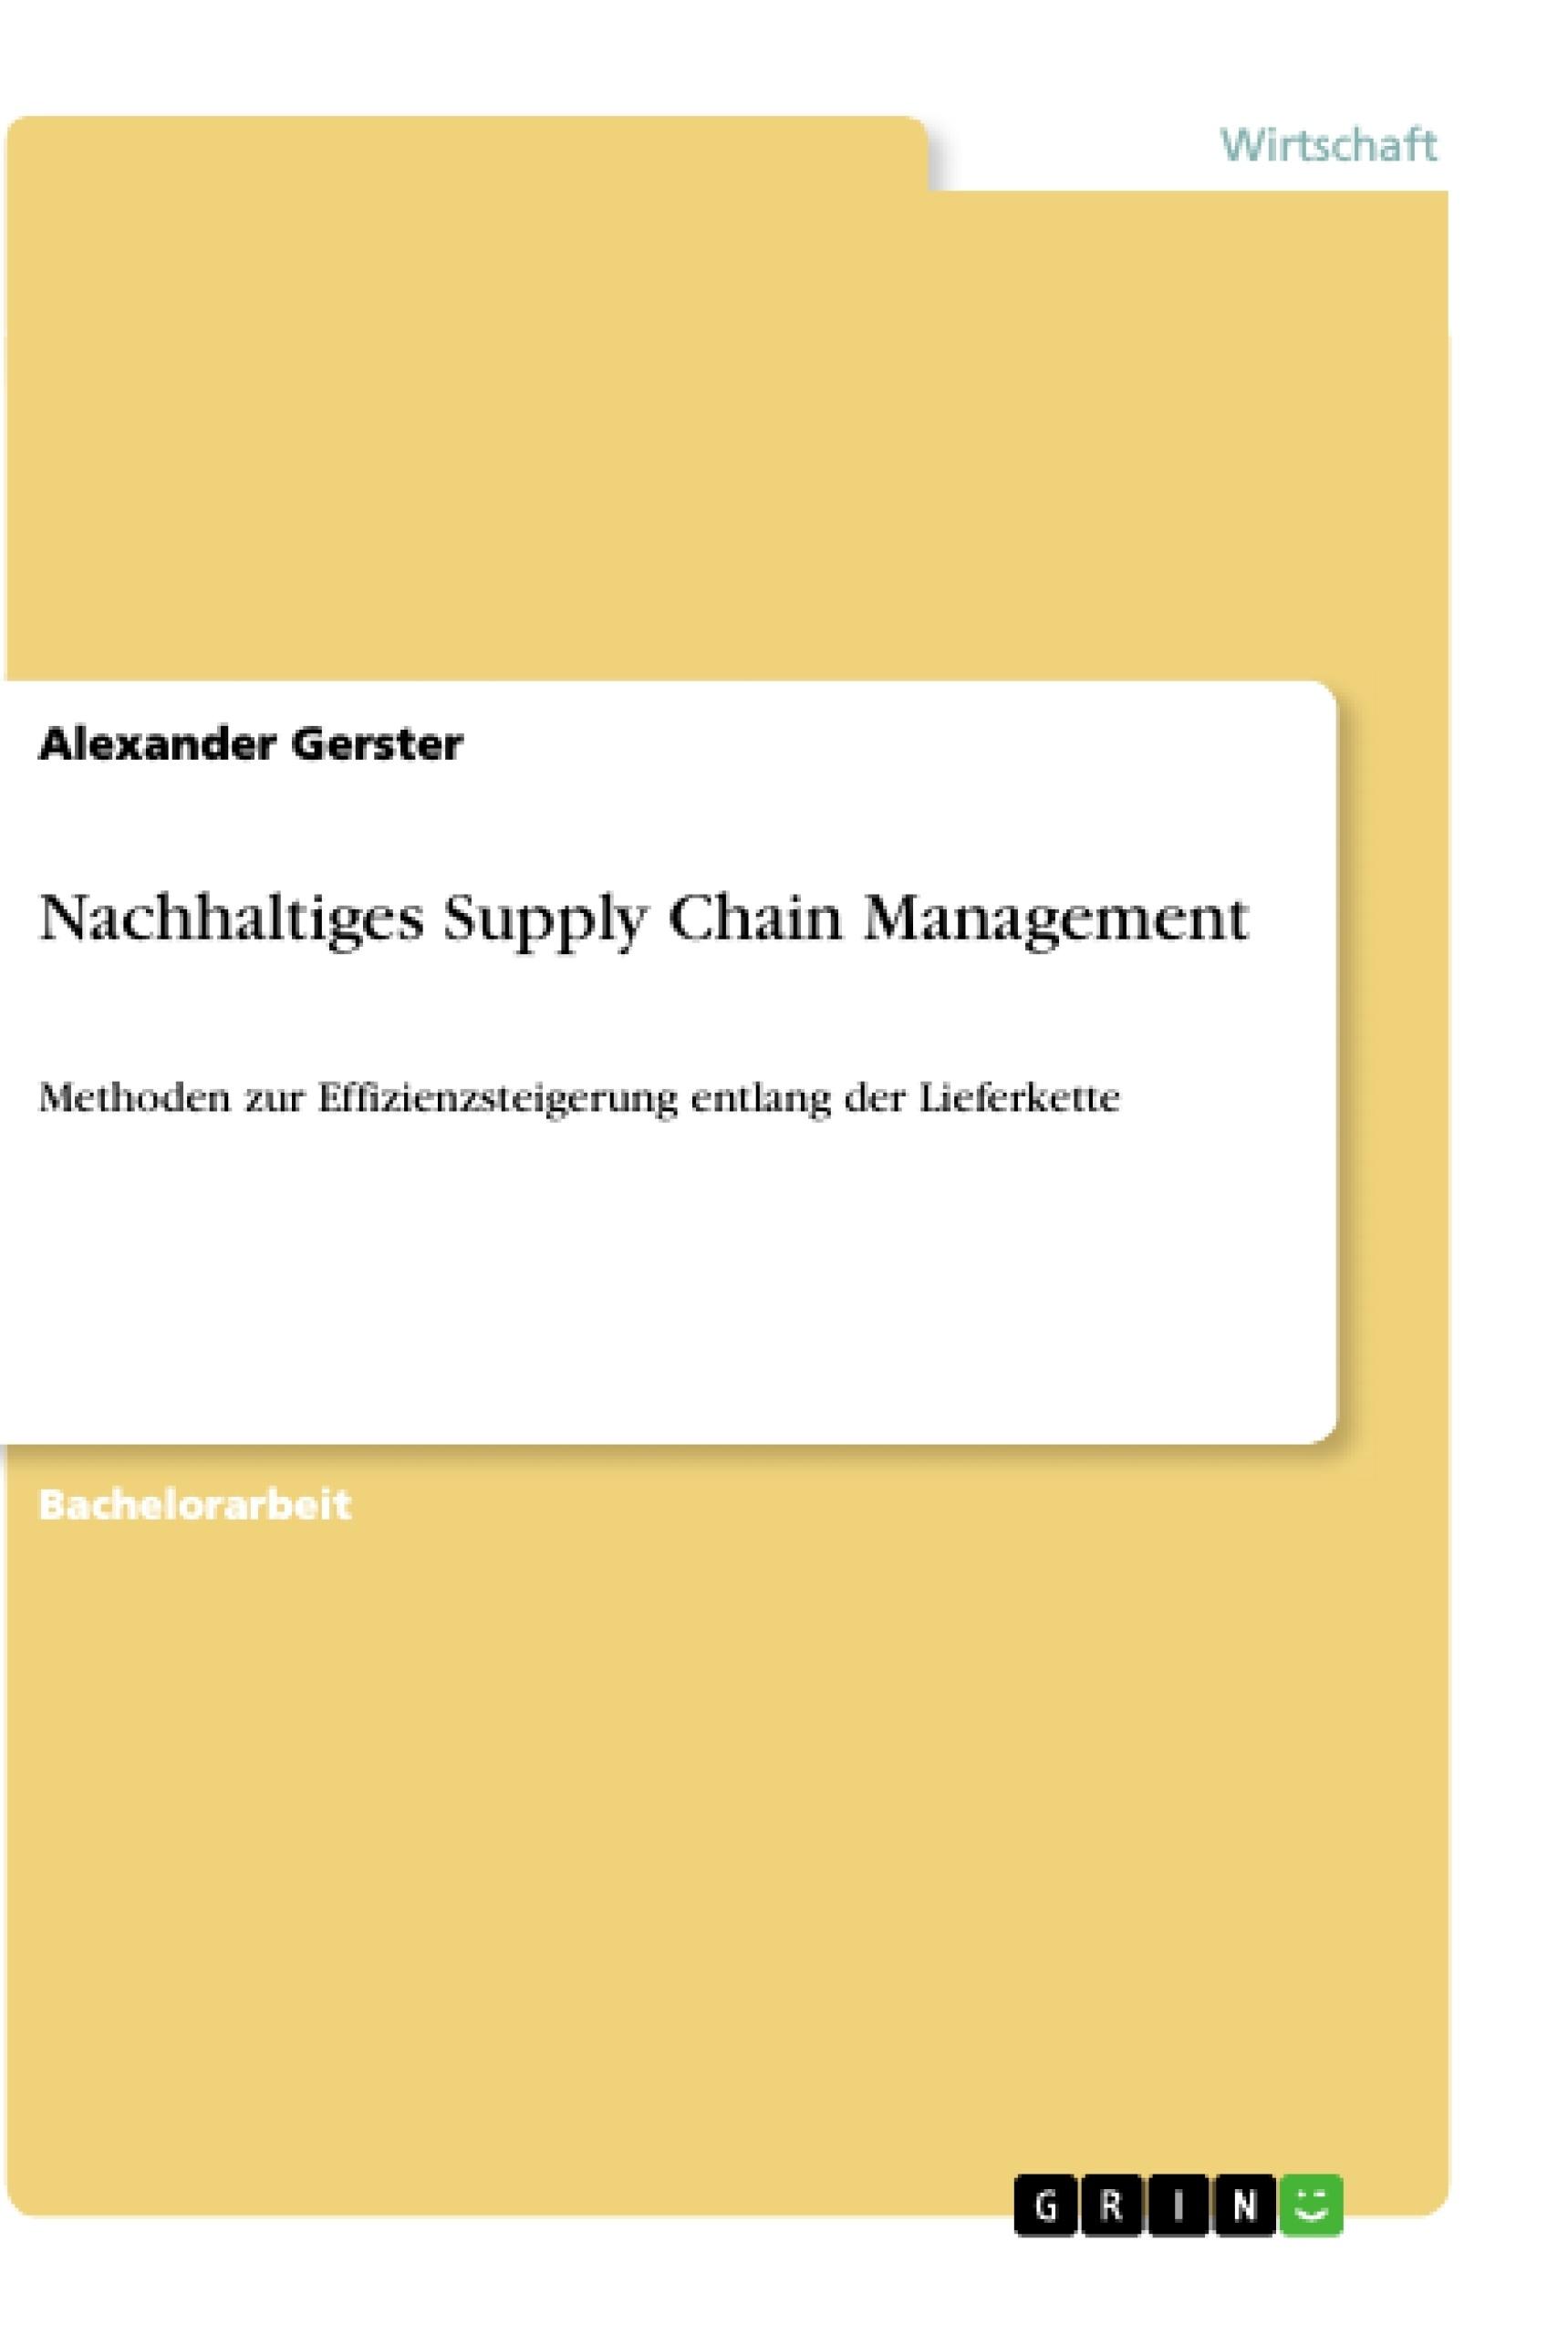 Titel: Nachhaltiges Supply Chain Management